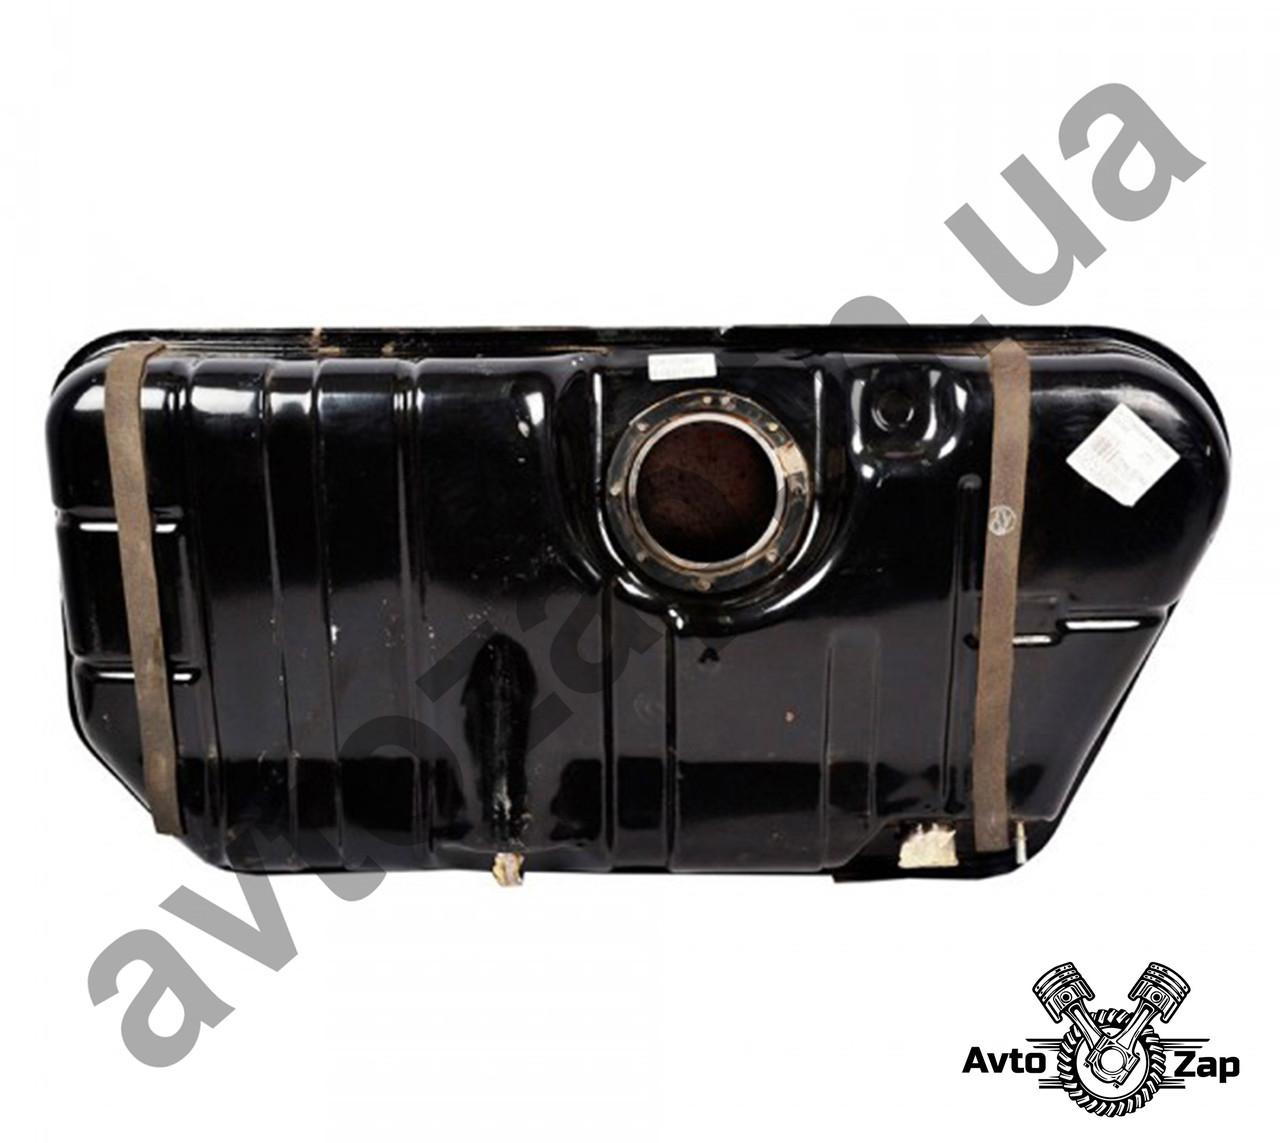 Бак топливный ВАЗ 2110,  инж. н/о с толстой шпилькой М6, с ЭБНм.   00307